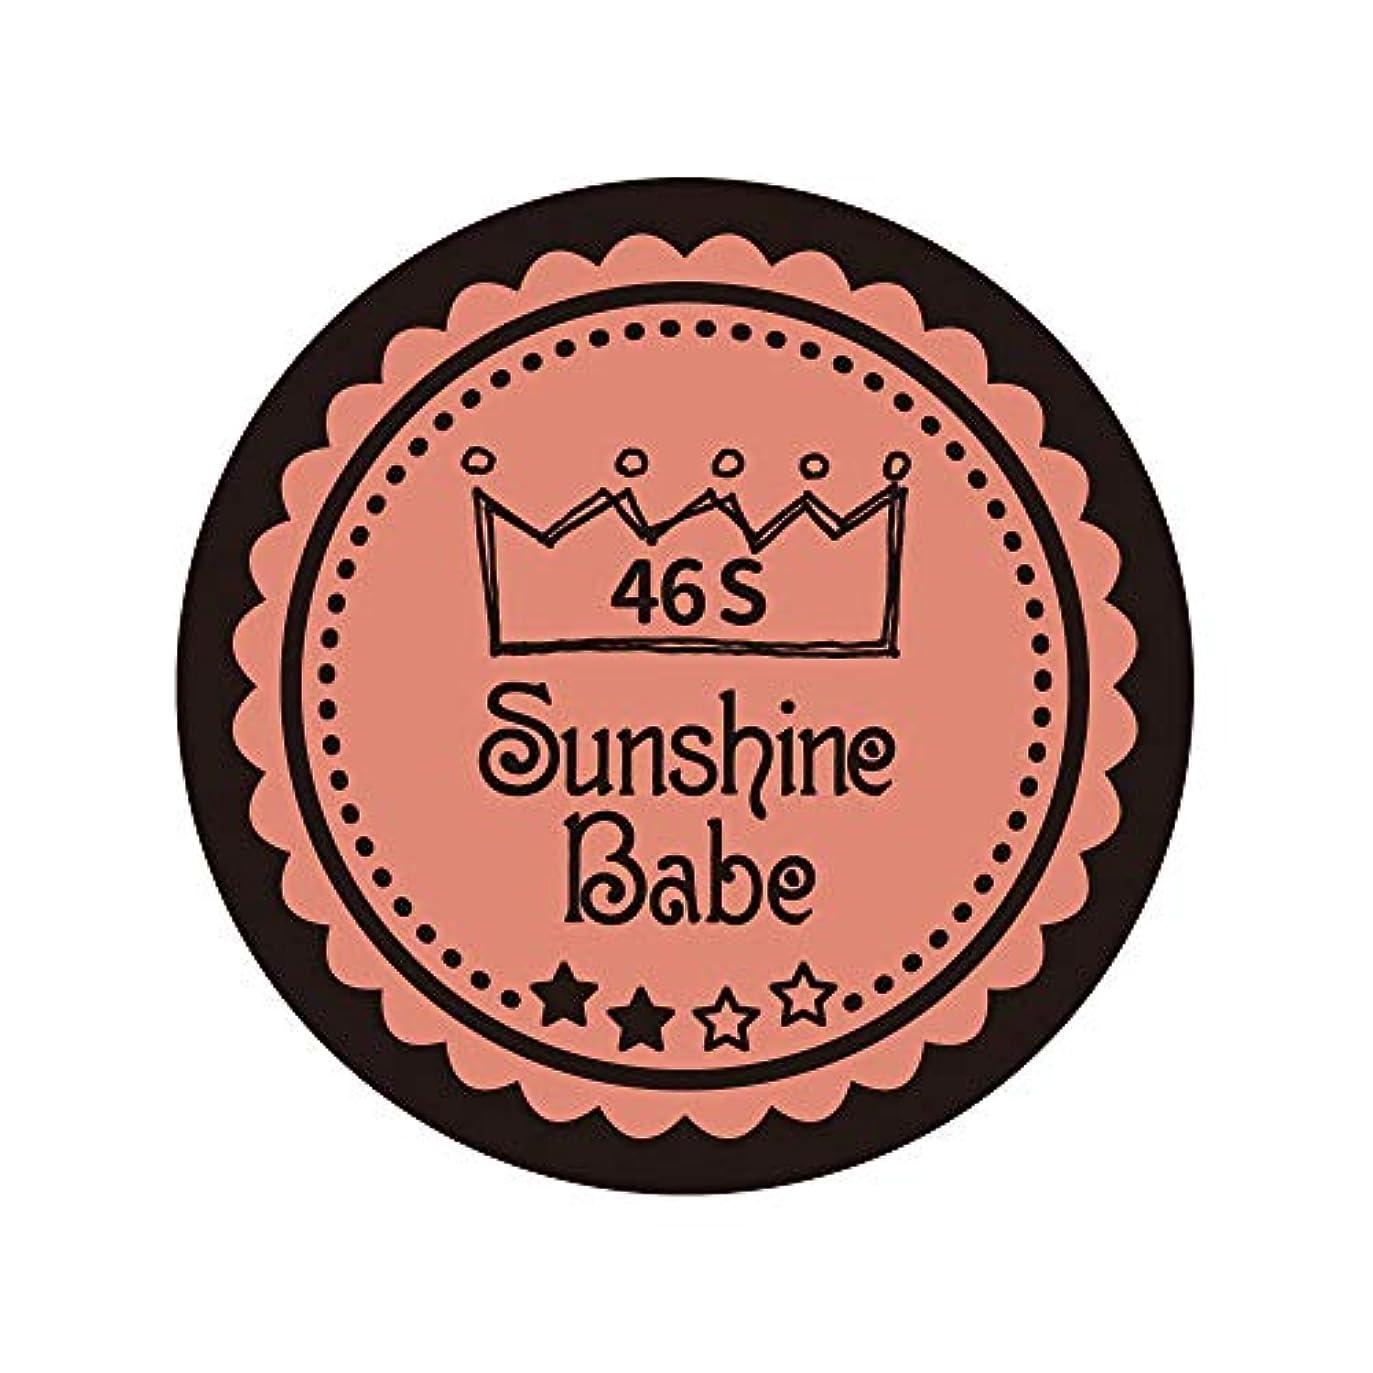 しつけ信頼できる飲食店Sunshine Babe カラージェル 46S ピンクベージュ 2.7g UV/LED対応